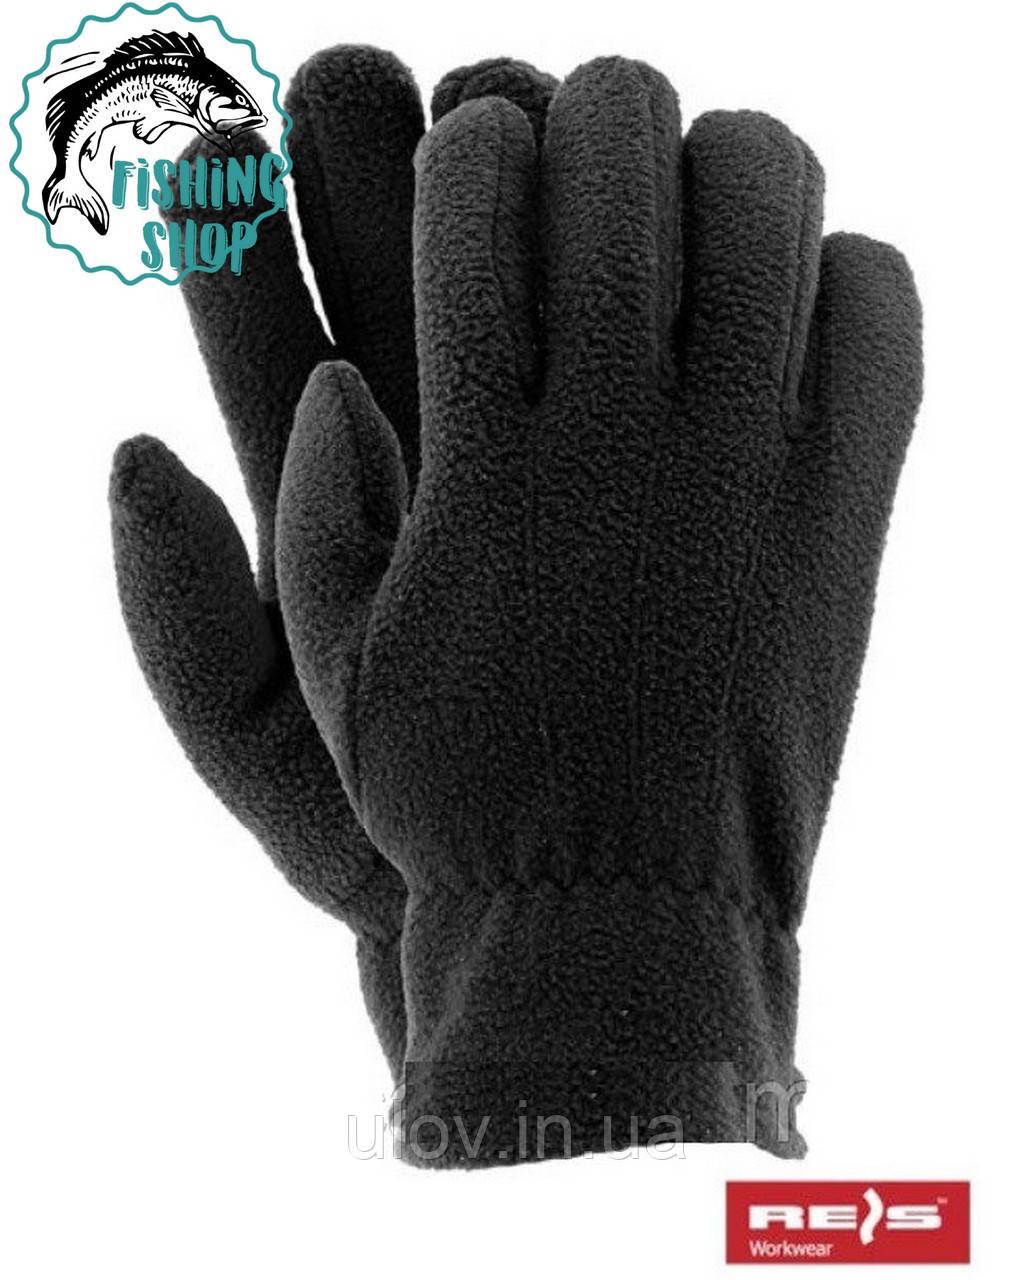 Перчатки флисовые Reis (черные)